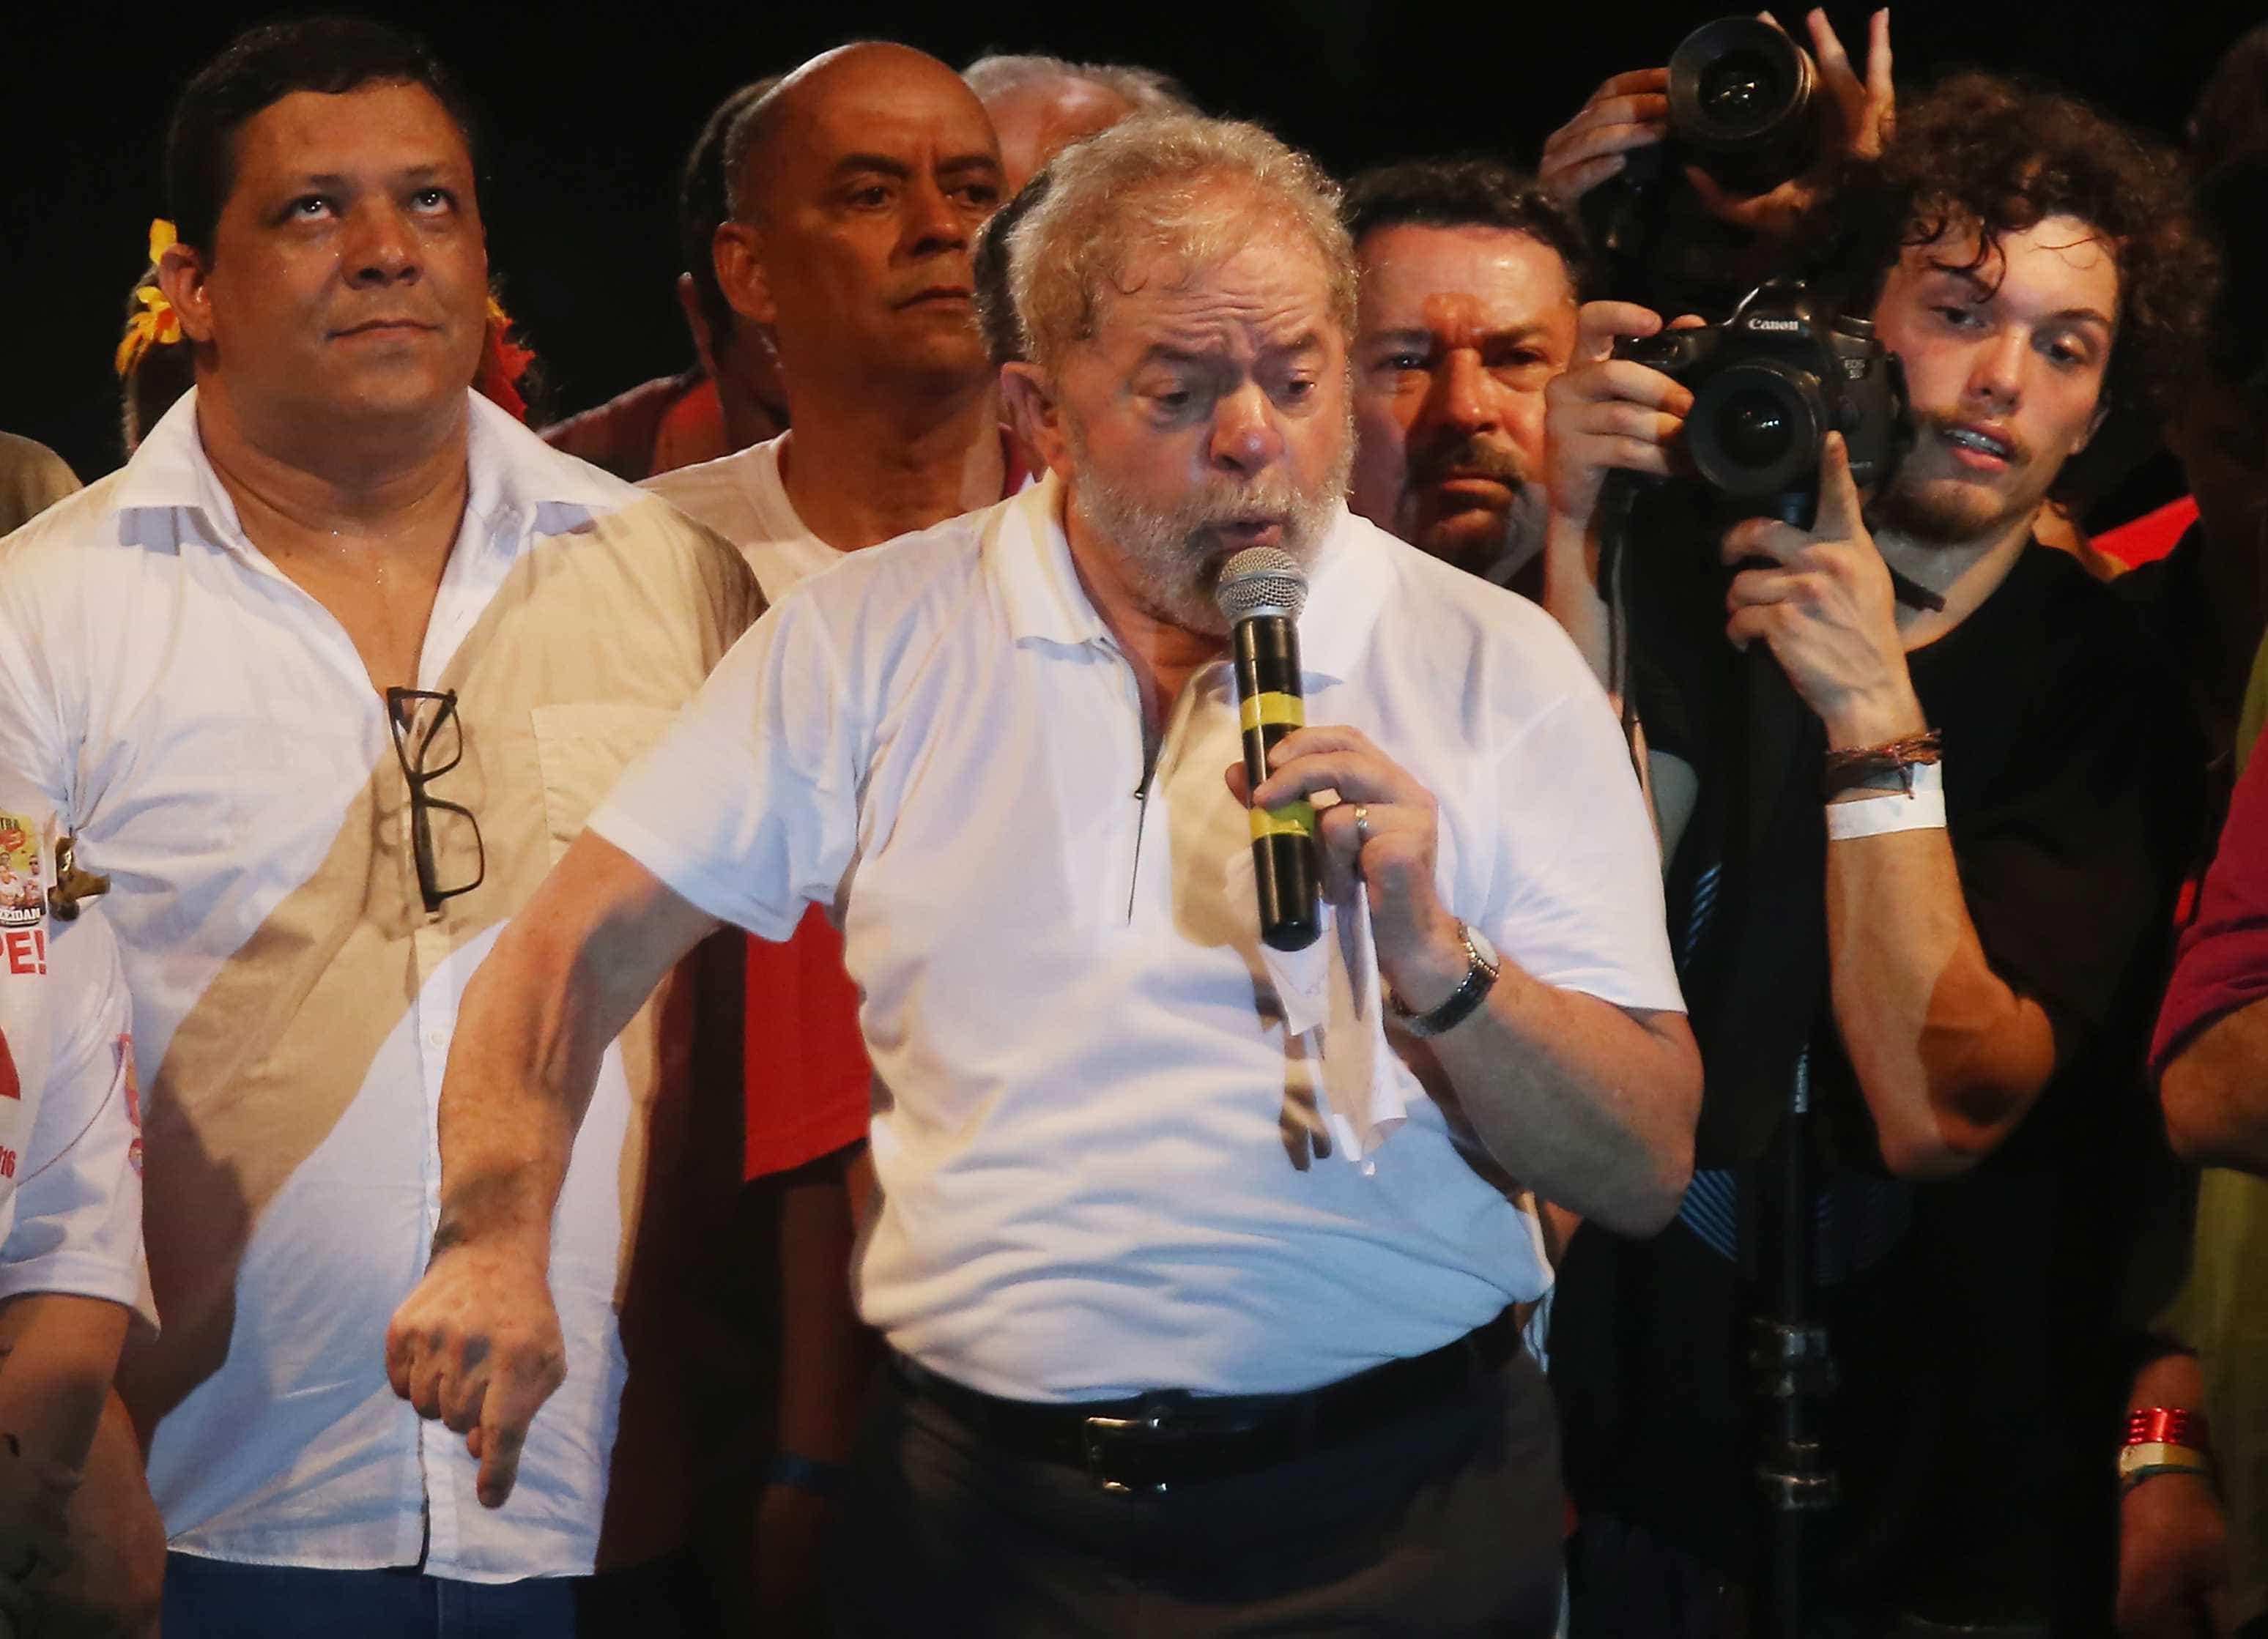 Rouco, ex-presidente Lula falta a ato com Dilma  para se cuidar